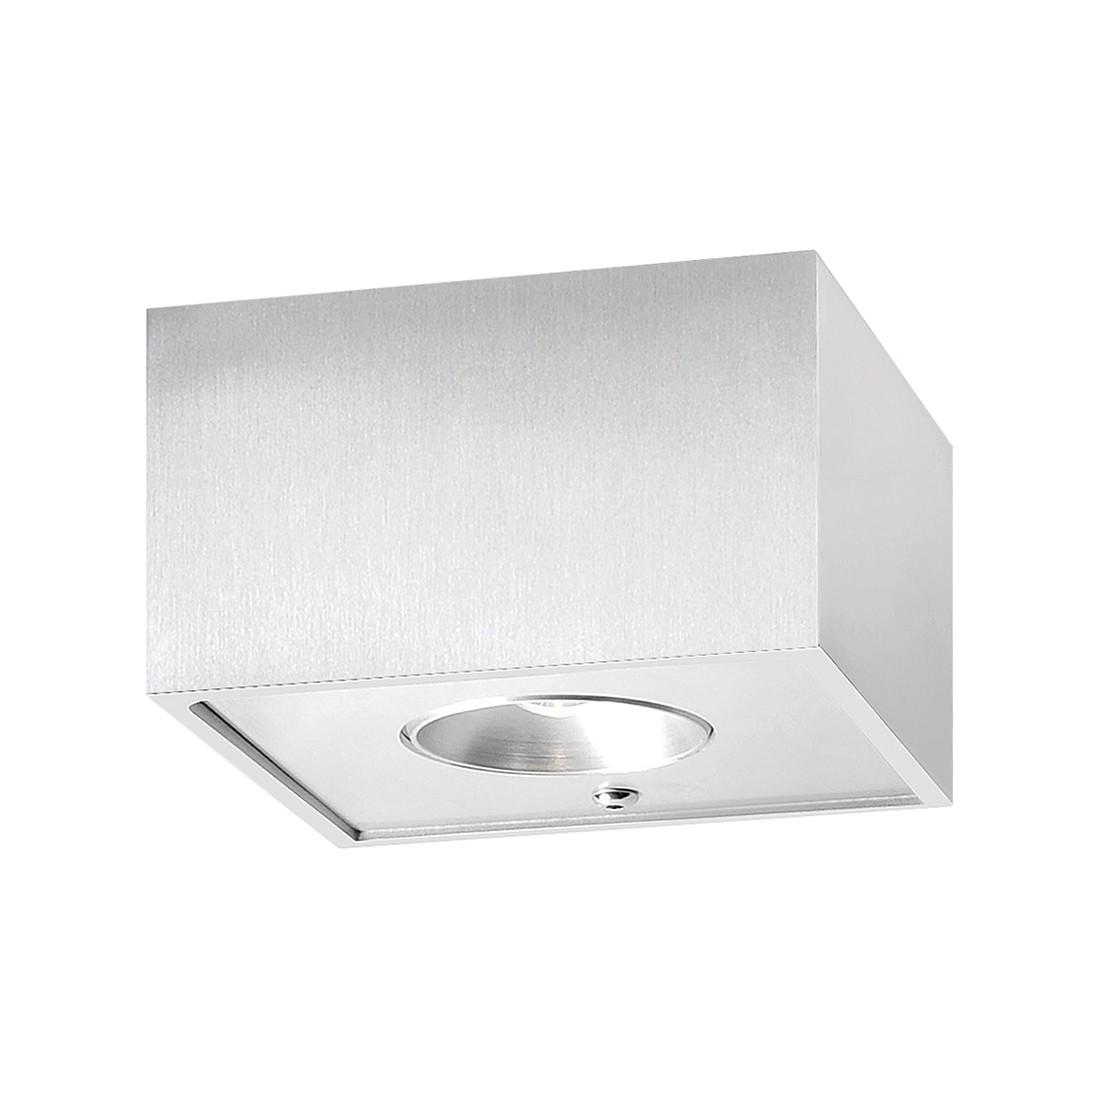 Wandleuchte Prohn  – Aluminium matt – 2-flammig, FLI Leuchten günstig